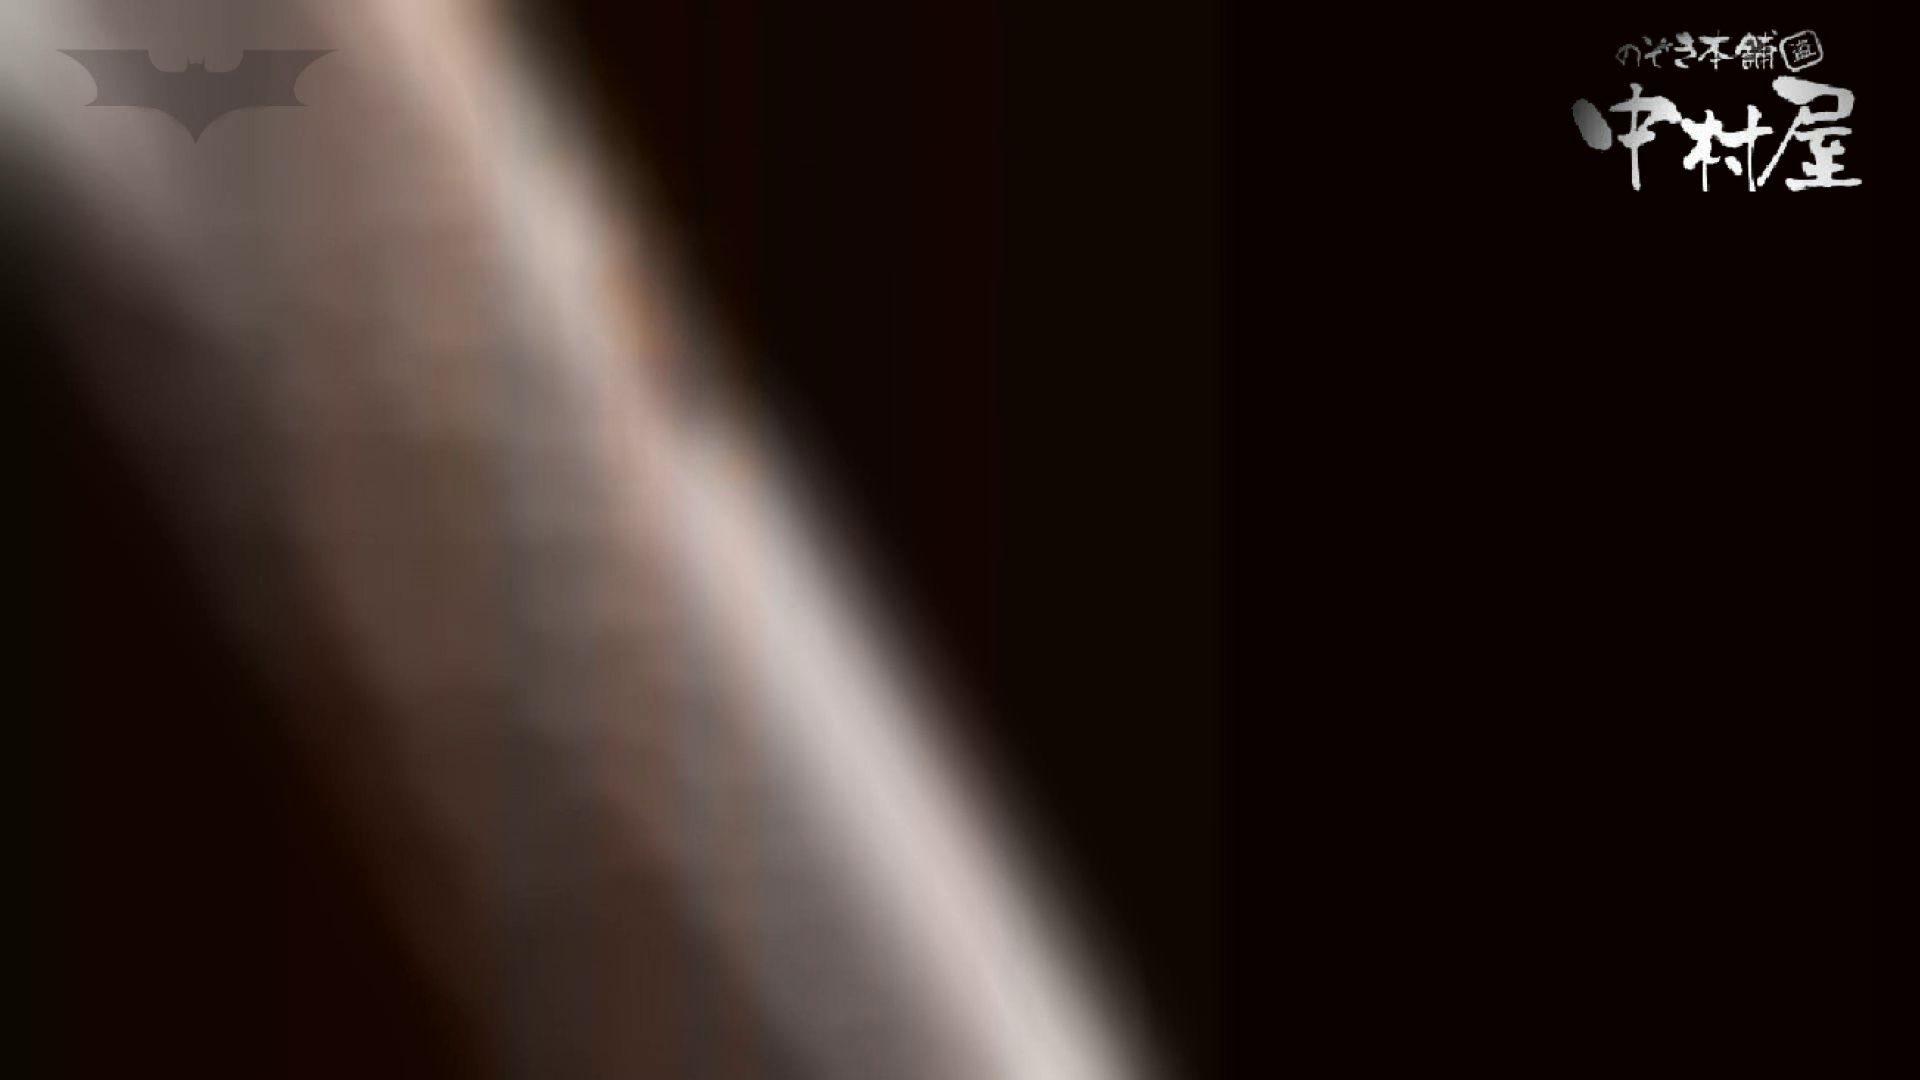 第三体育館潜入撮】第三体育館潜入撮File028 熟女特集!! マンコ映像 のぞき動画画像 94連発 32